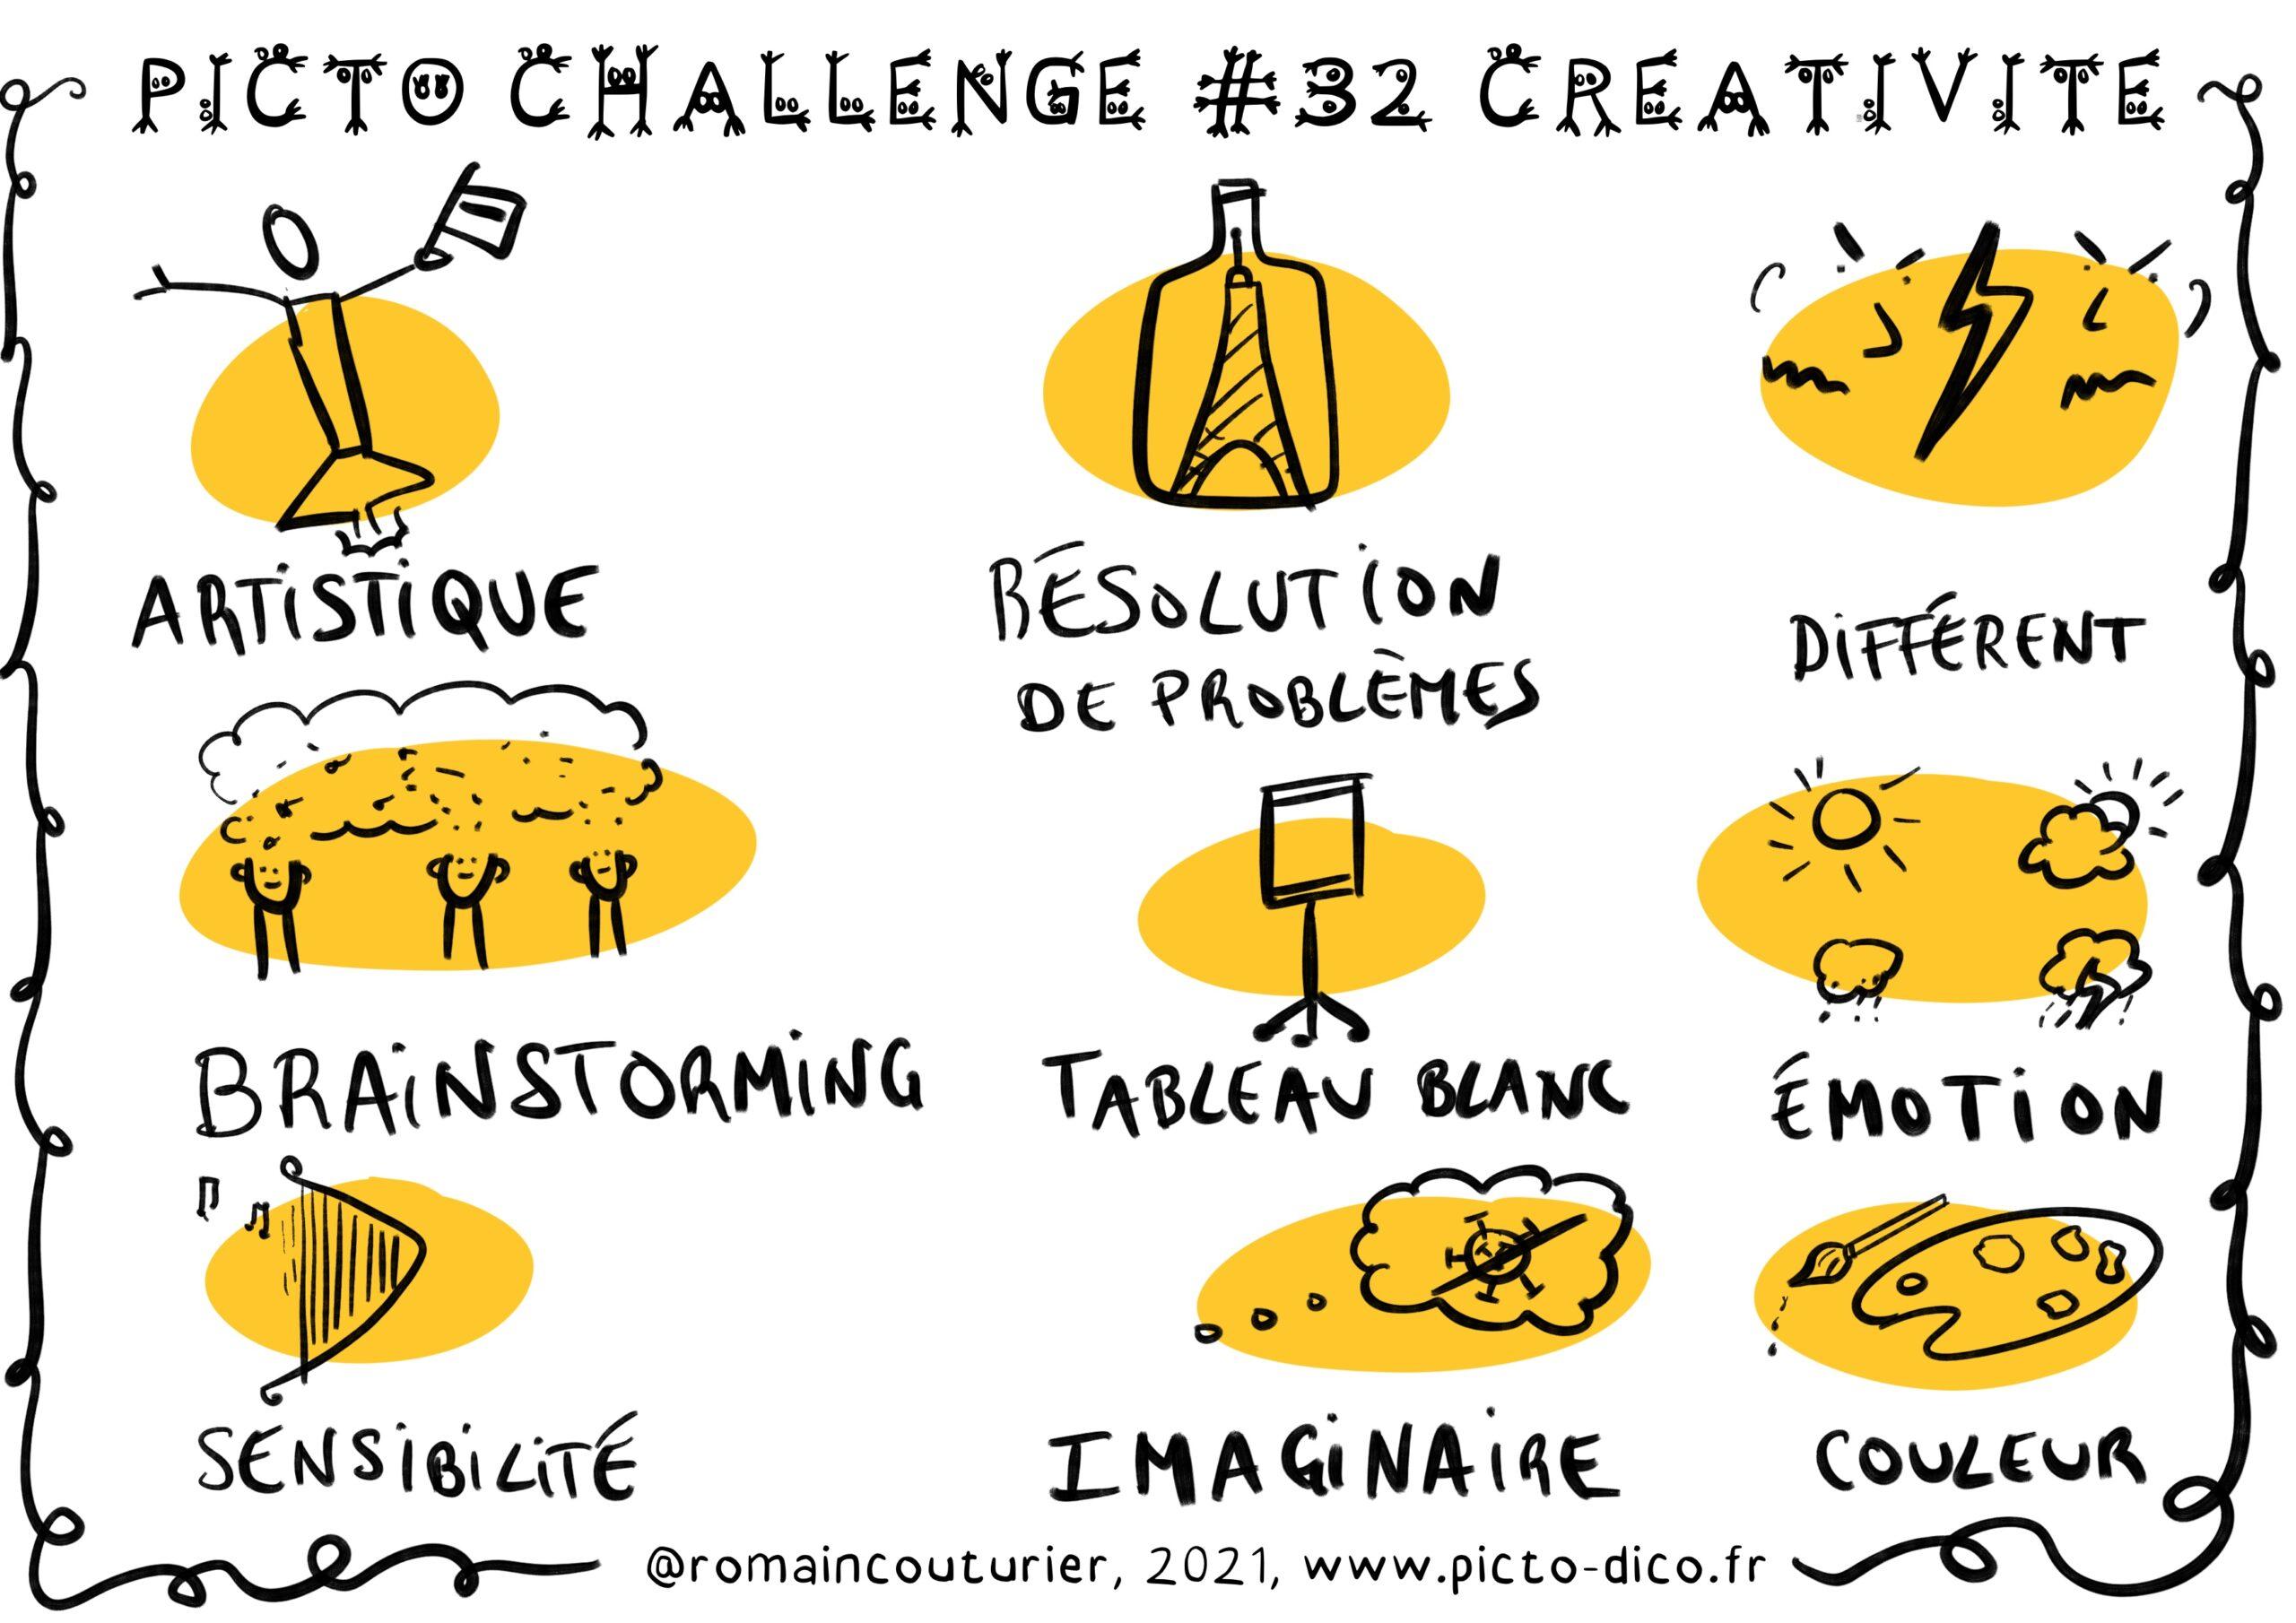 PictoChallenge n°32 spécial Créativité